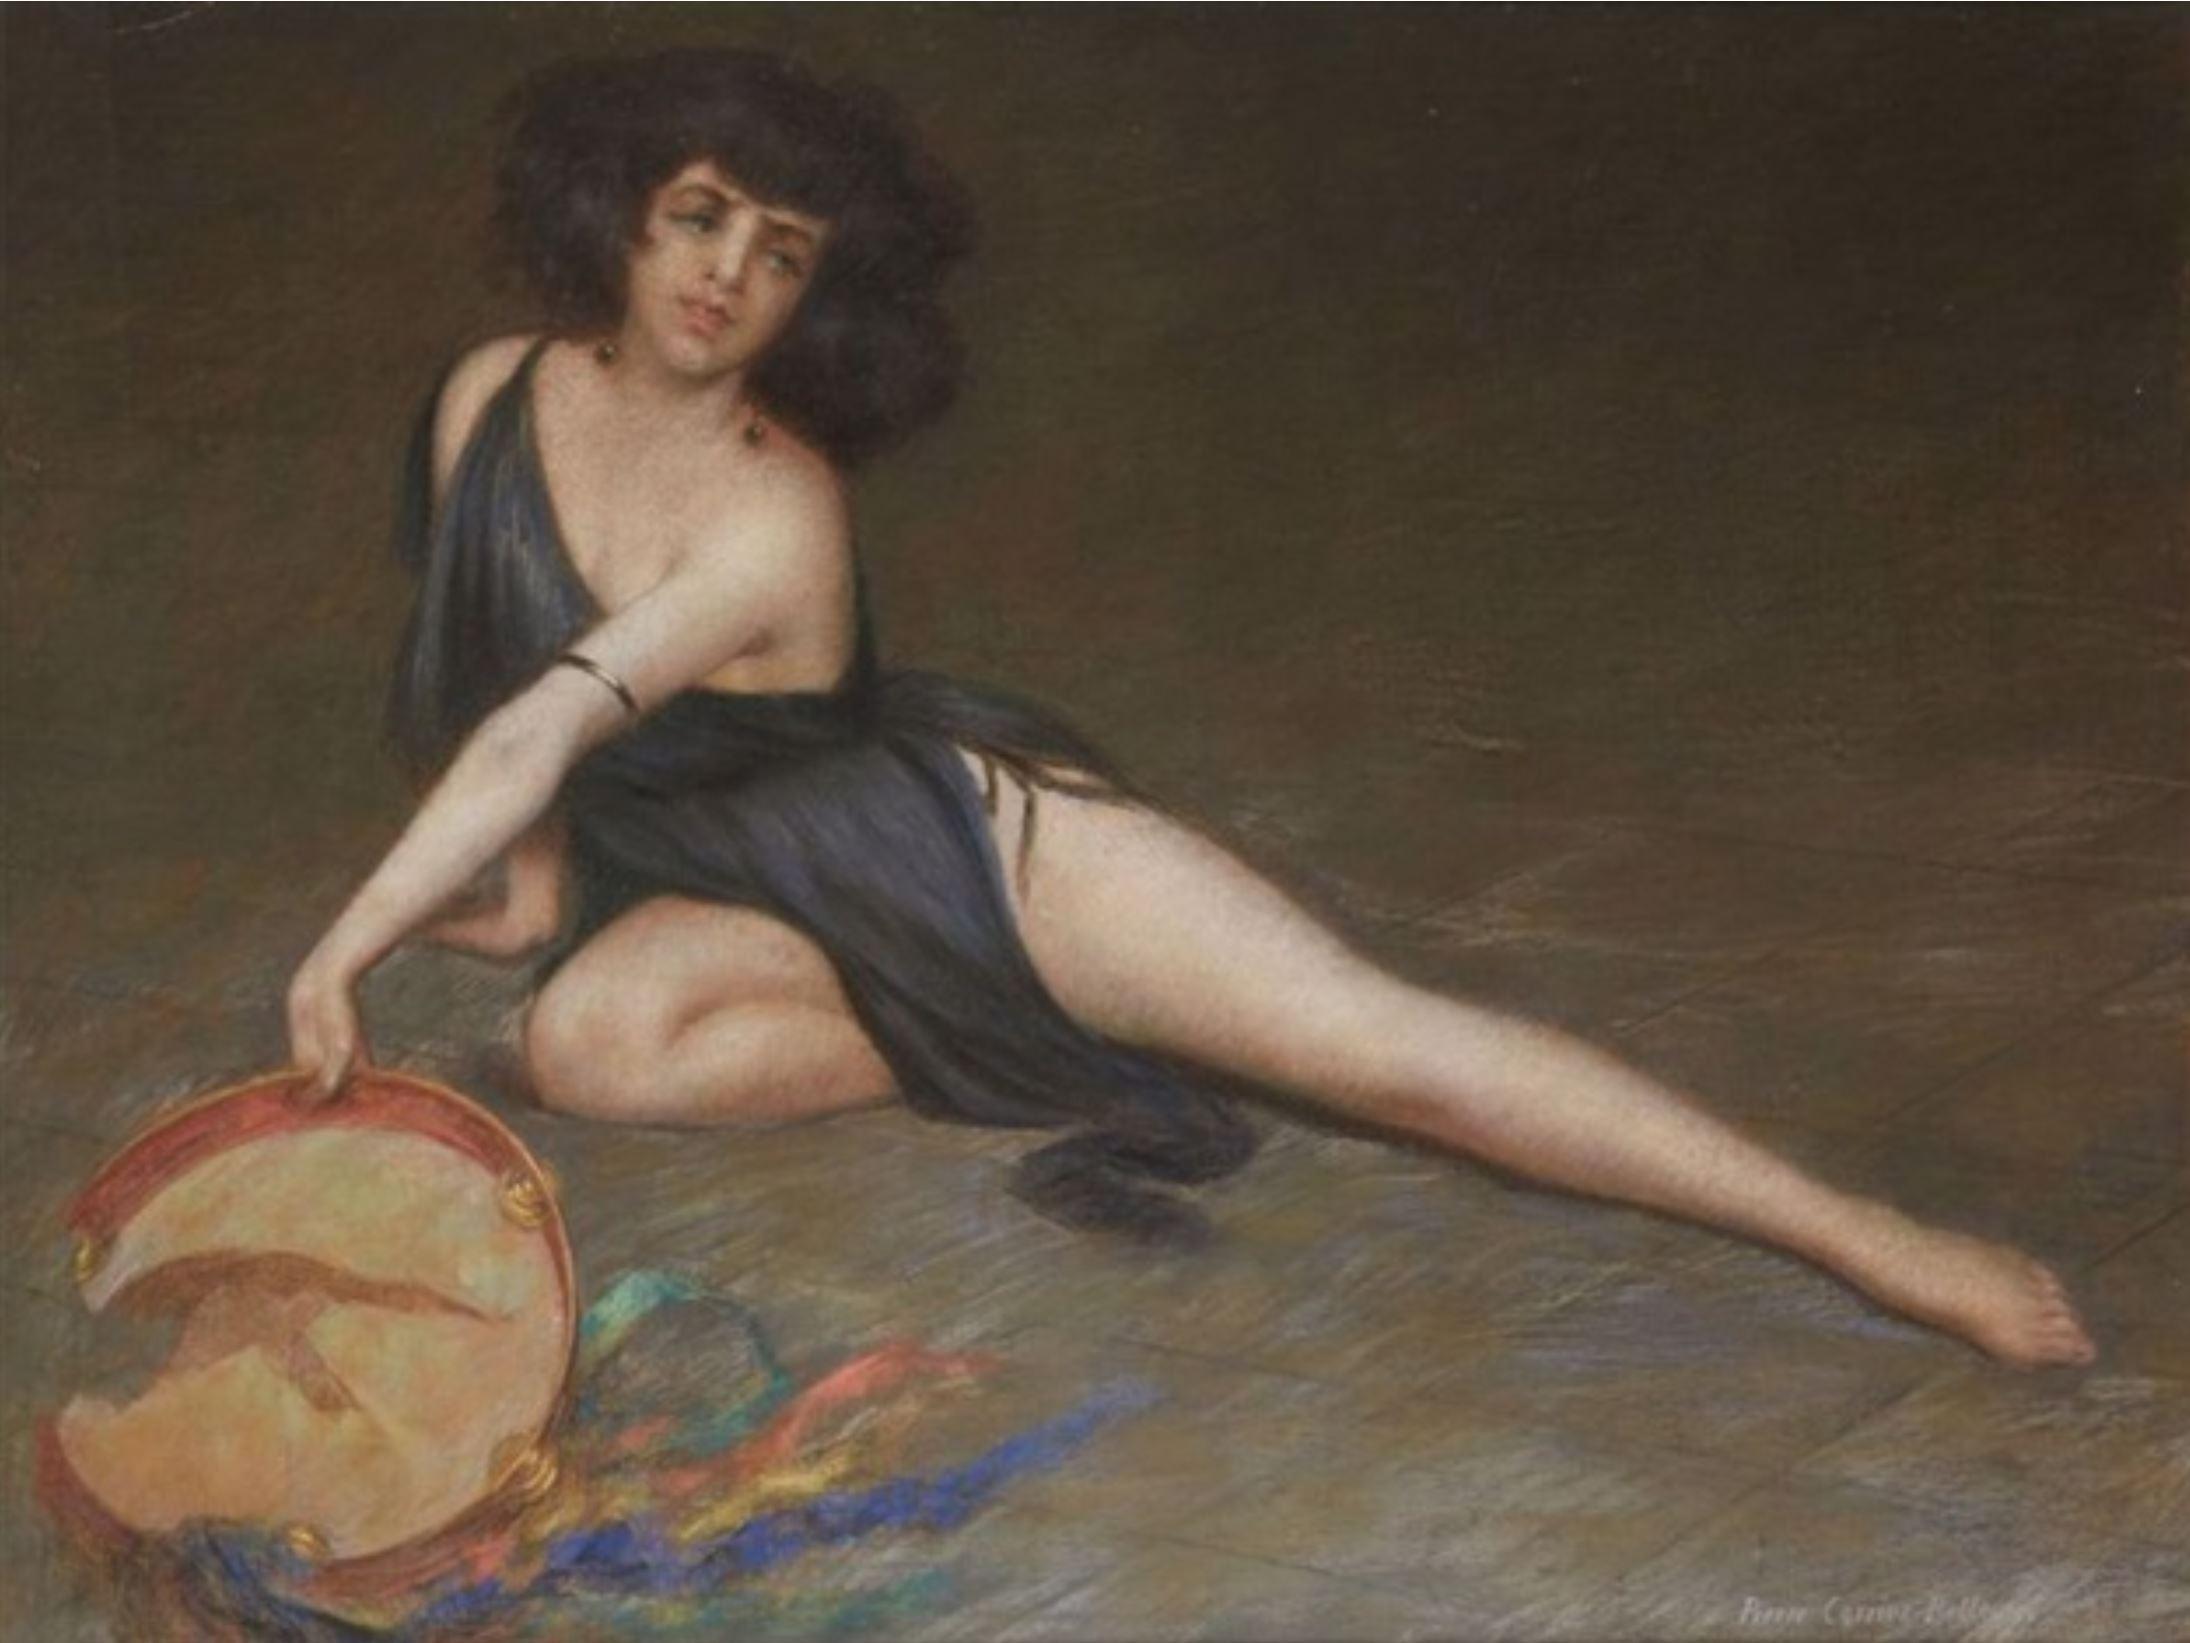 Pierre Carrier-Belleuse 1924 Danseuse au tambourin (Nina Constantinova)